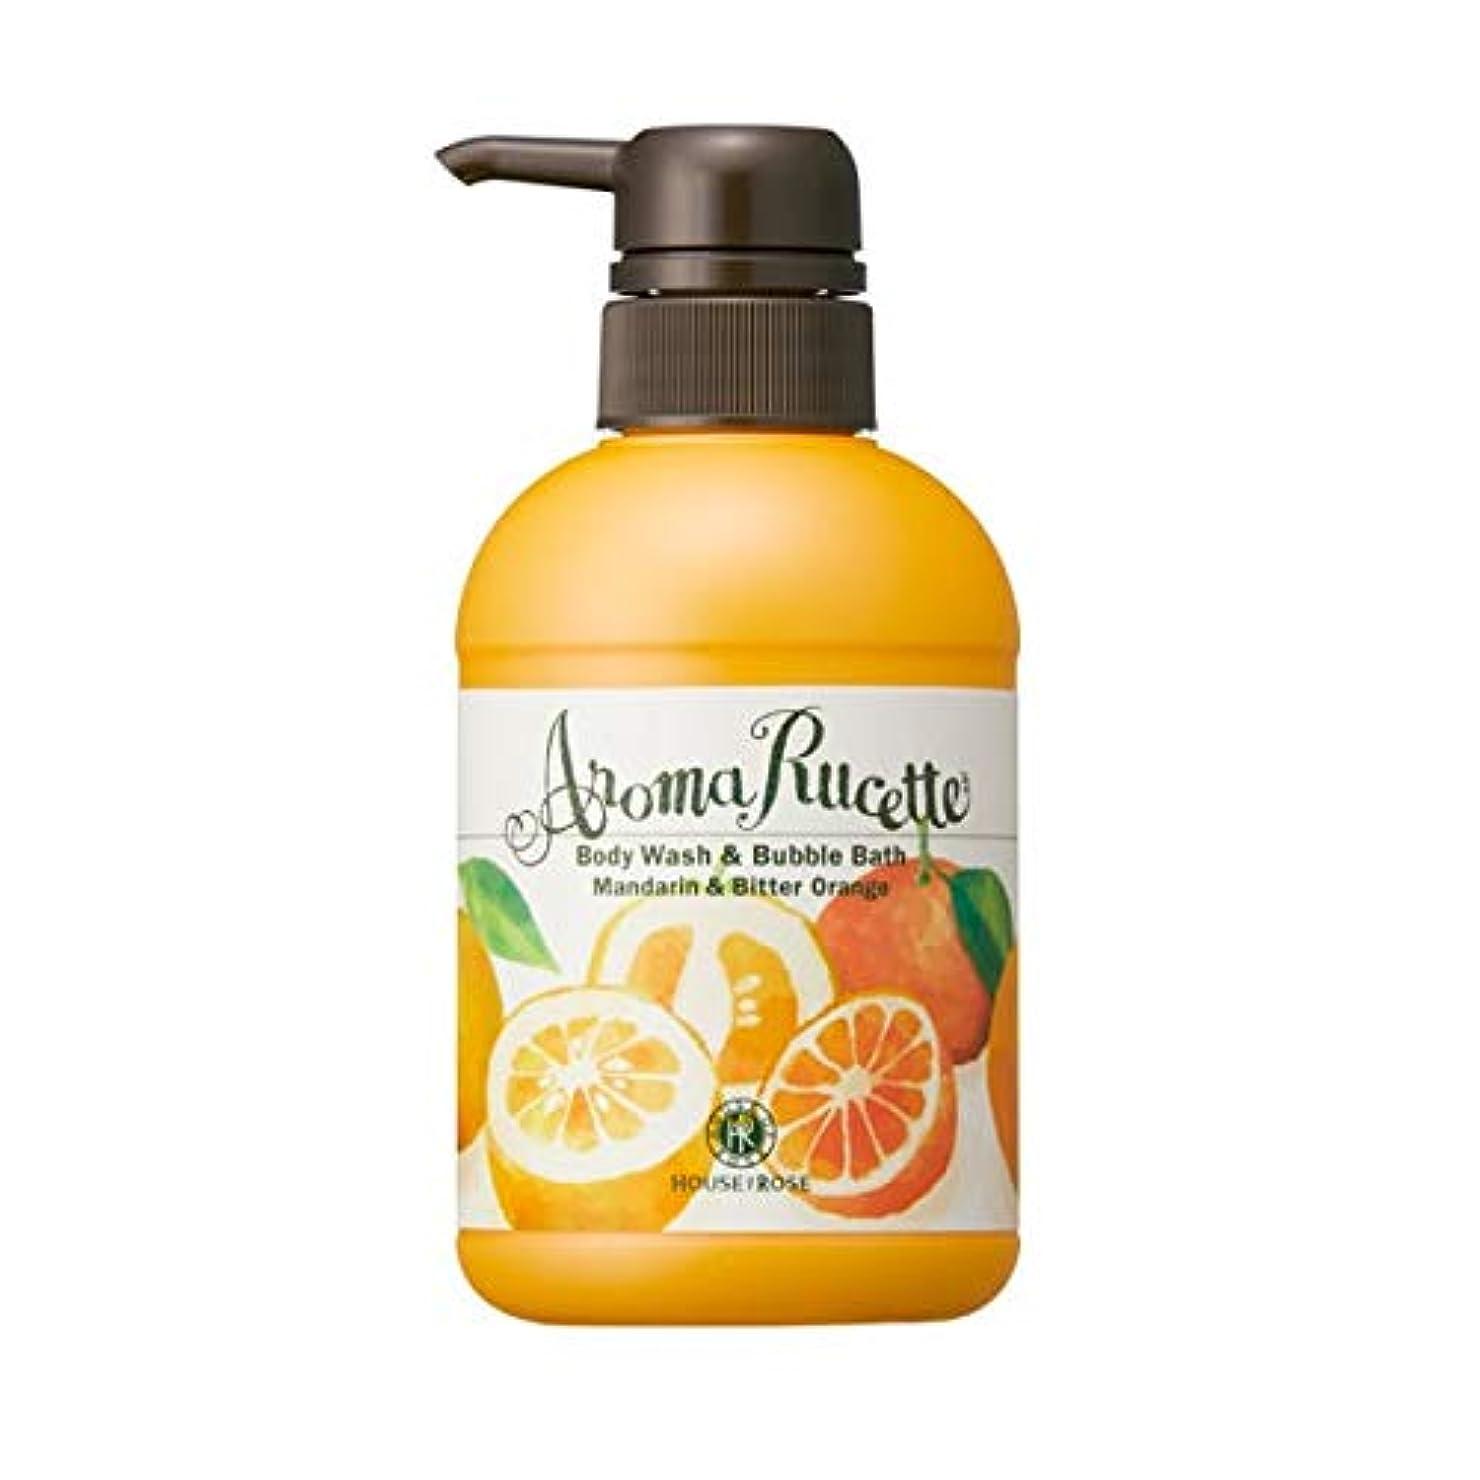 フィヨルドマットレスアミューズメントHOUSE OF ROSE(ハウスオブローゼ) ハウスオブローゼ/アロマルセット ボディウォッシュ&バブルバス MD&BO(マンダリン&ビターオレンジの香り)350mL